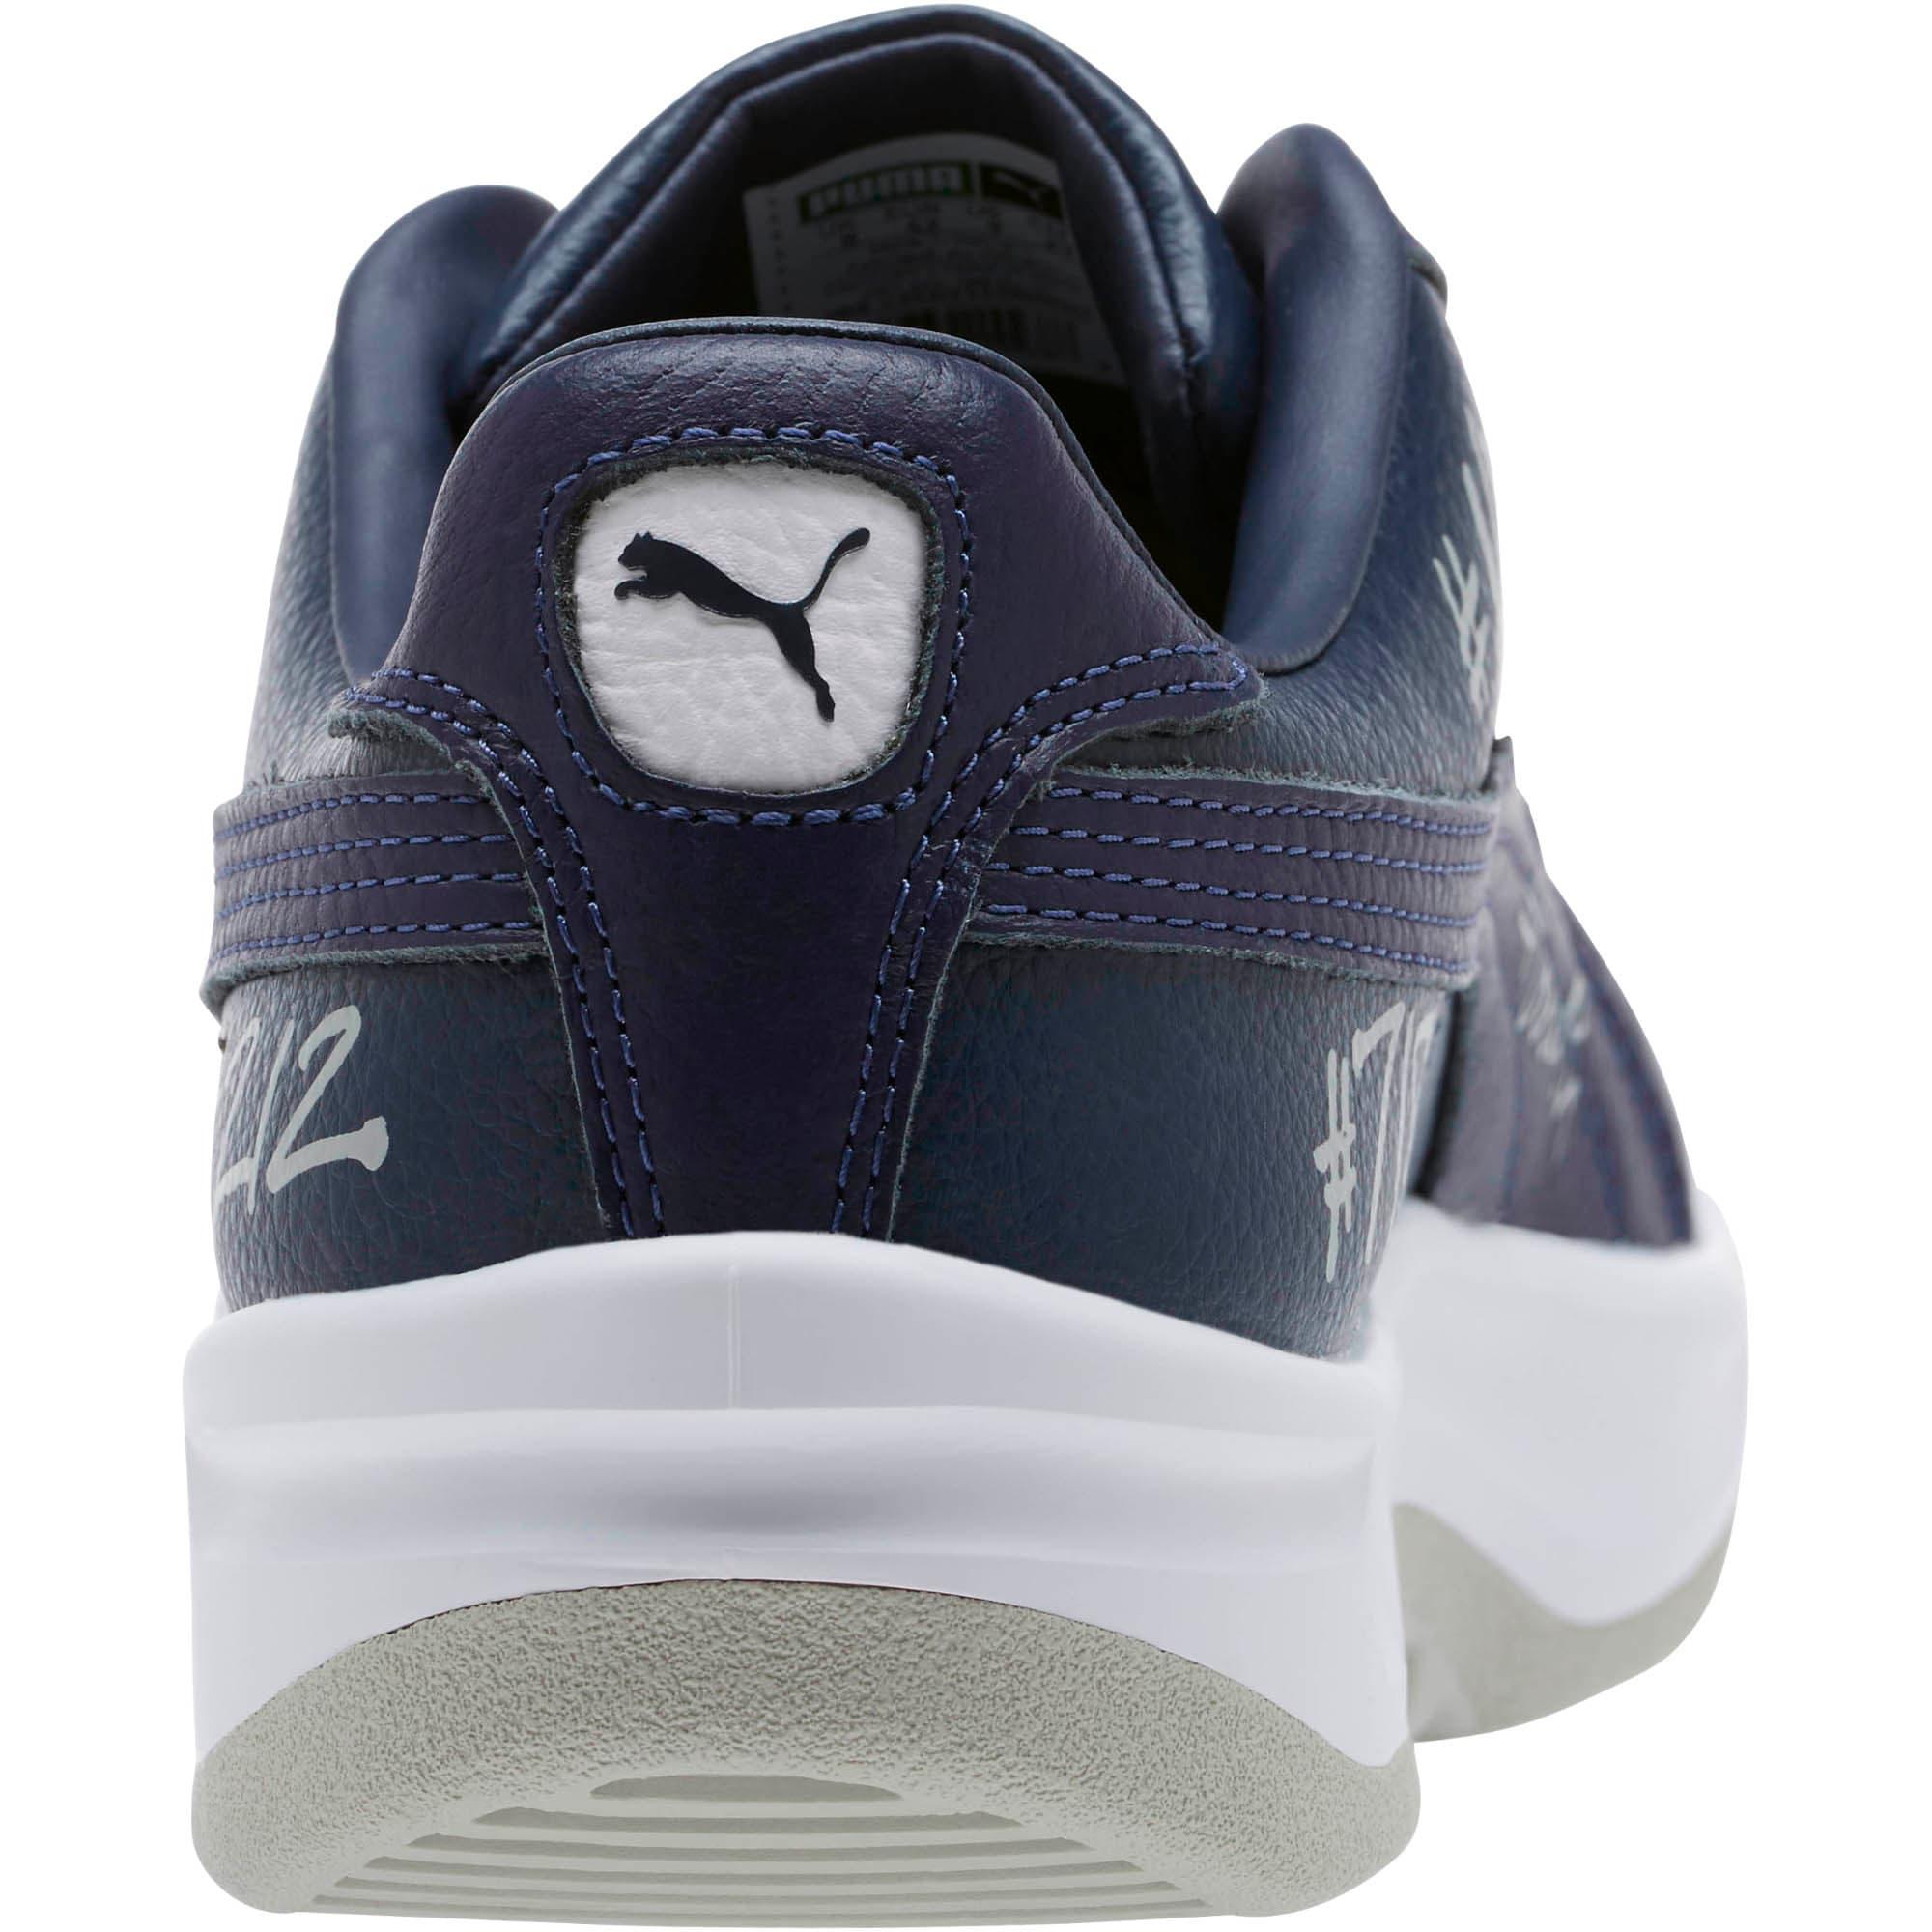 Thumbnail 4 of GV Special NYC Sneakers, Peacoat-Puma White-Gray Vlt, medium